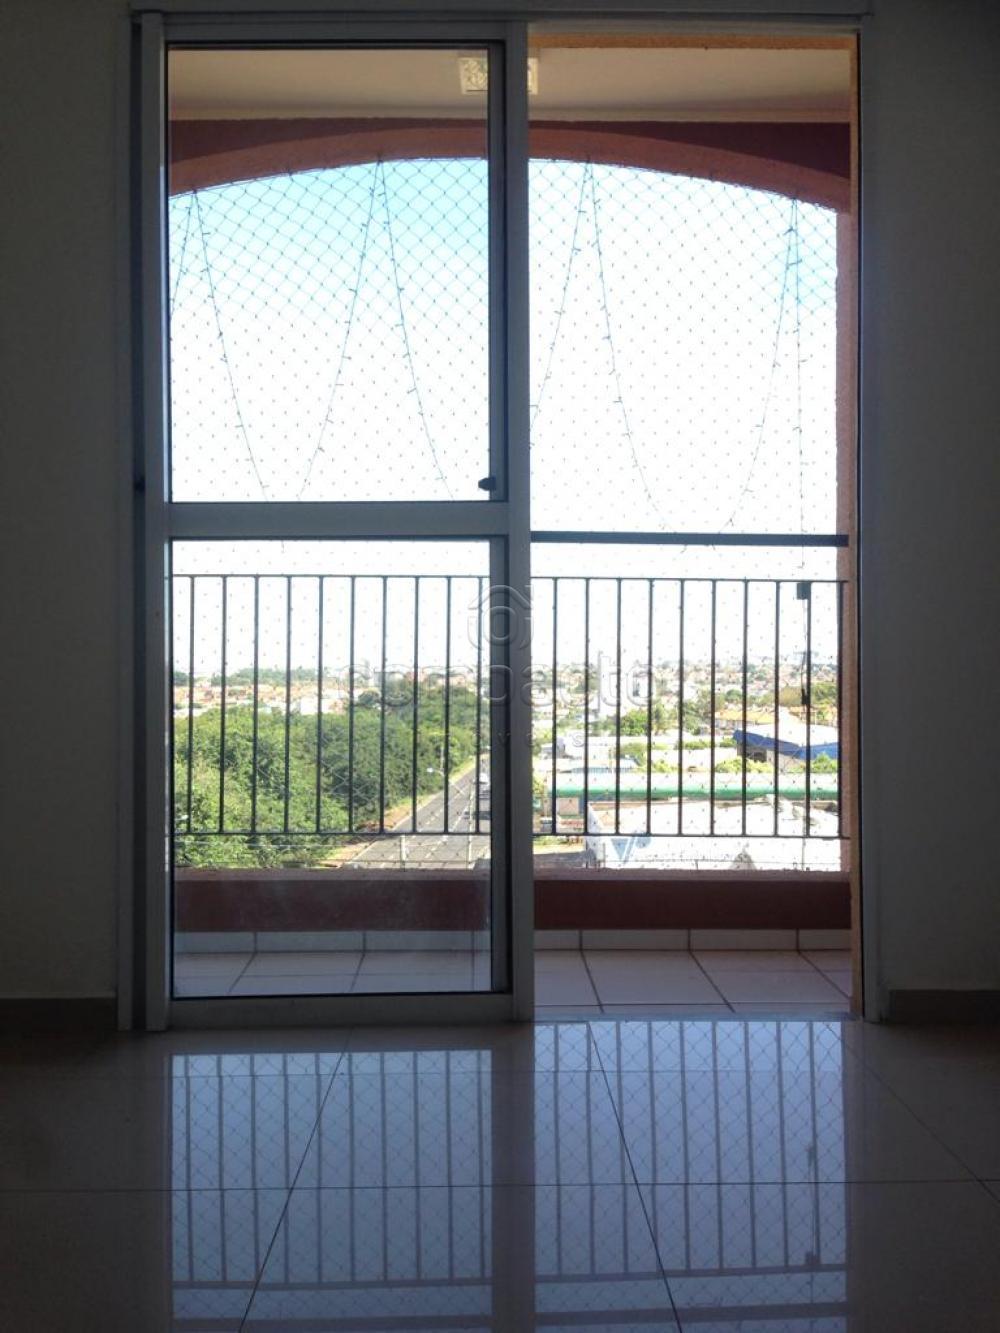 Comprar Apartamento / Padrão em São José do Rio Preto apenas R$ 240.000,00 - Foto 2